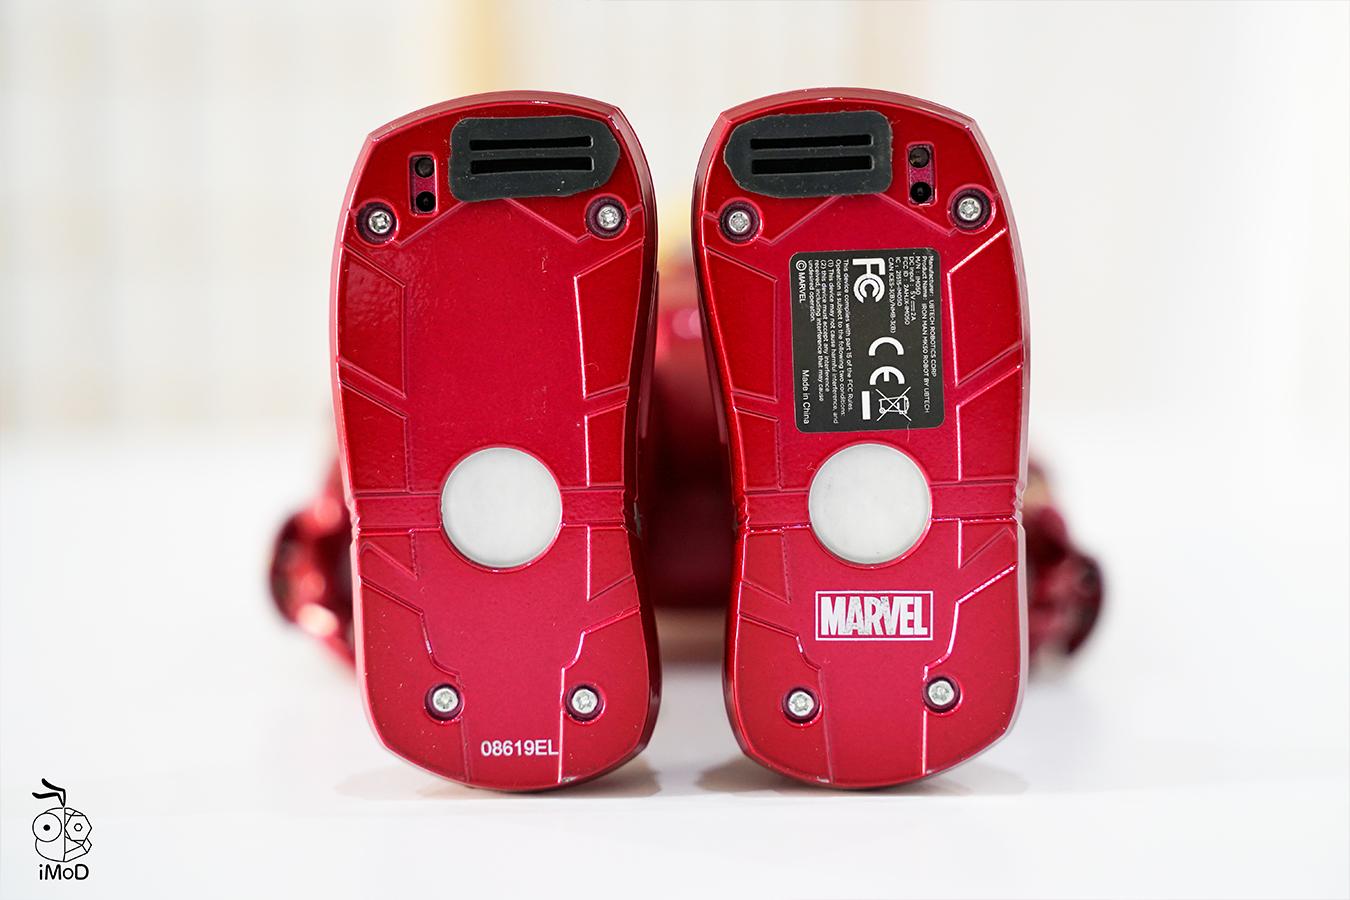 Ubtech Iron Man Mk50 Robot 26